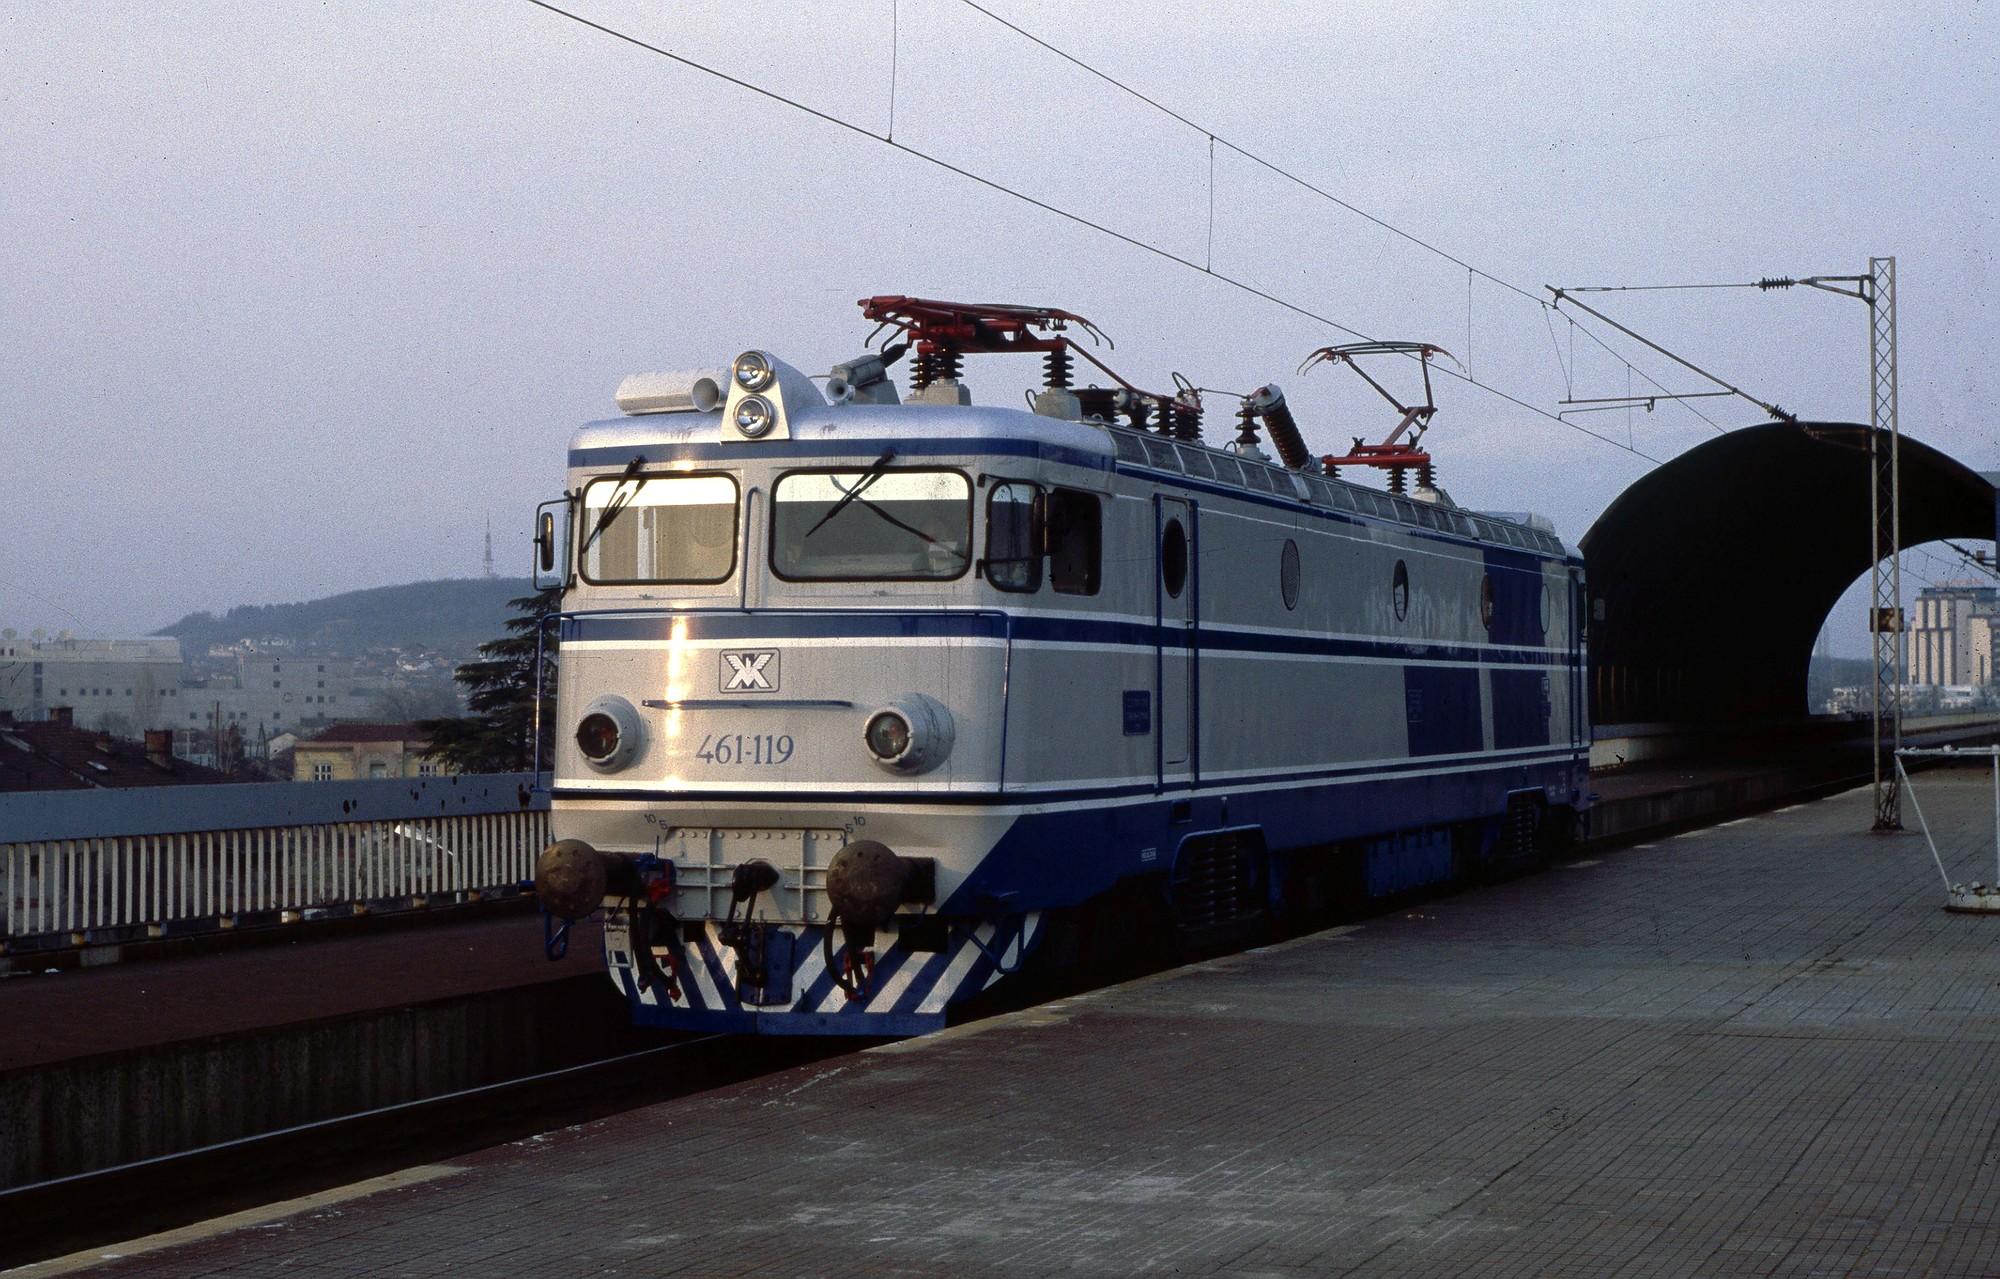 Class 461 119 in Skopje